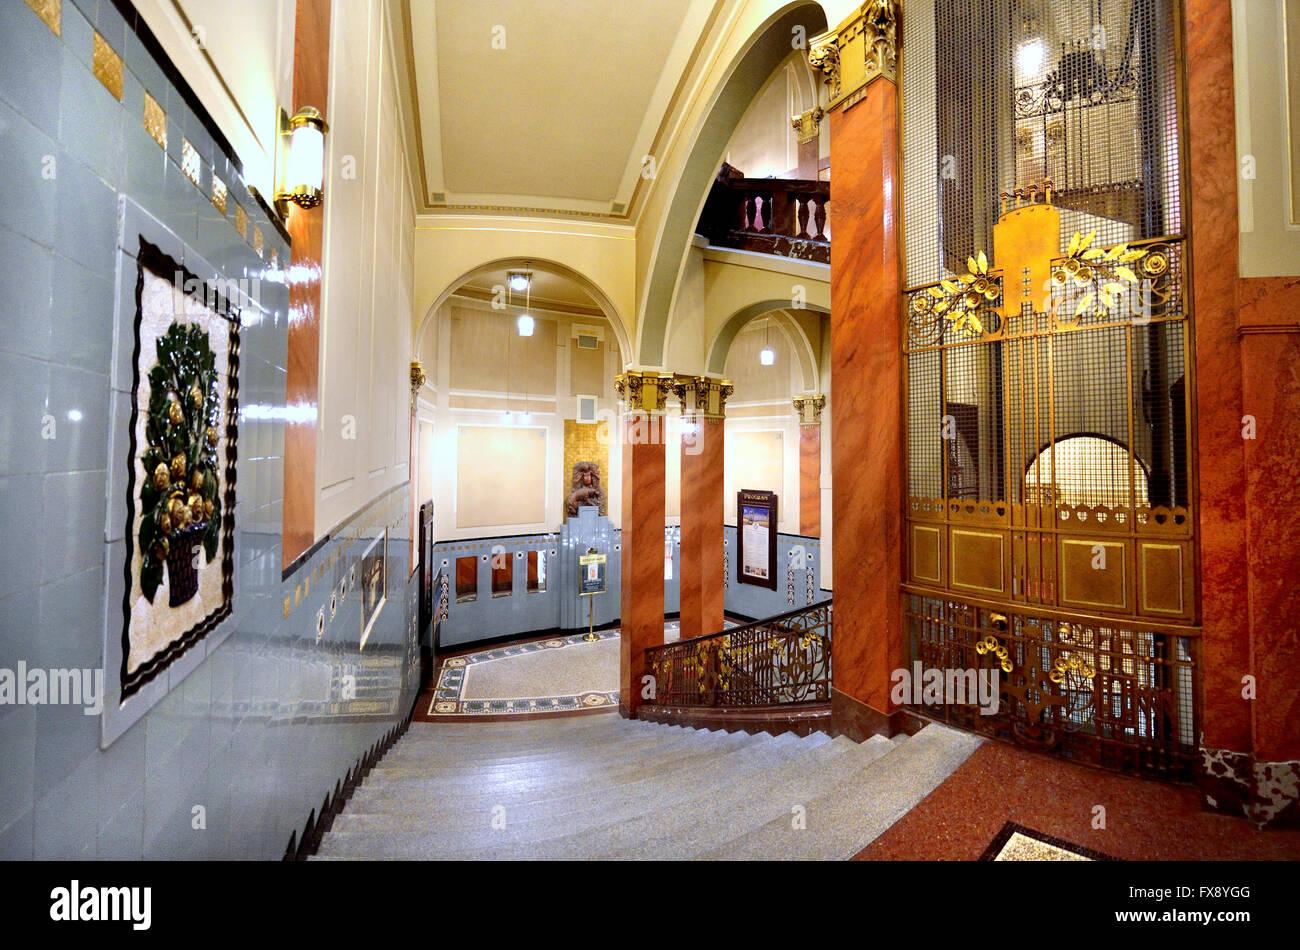 https://c8.alamy.com/compde/fx8ygg/prag-tschechische-republik-obecni-dum-gemeindehaus-1912-jugendstil-interieur-stufen-hinunter-in-den-keller-fx8ygg.jpg